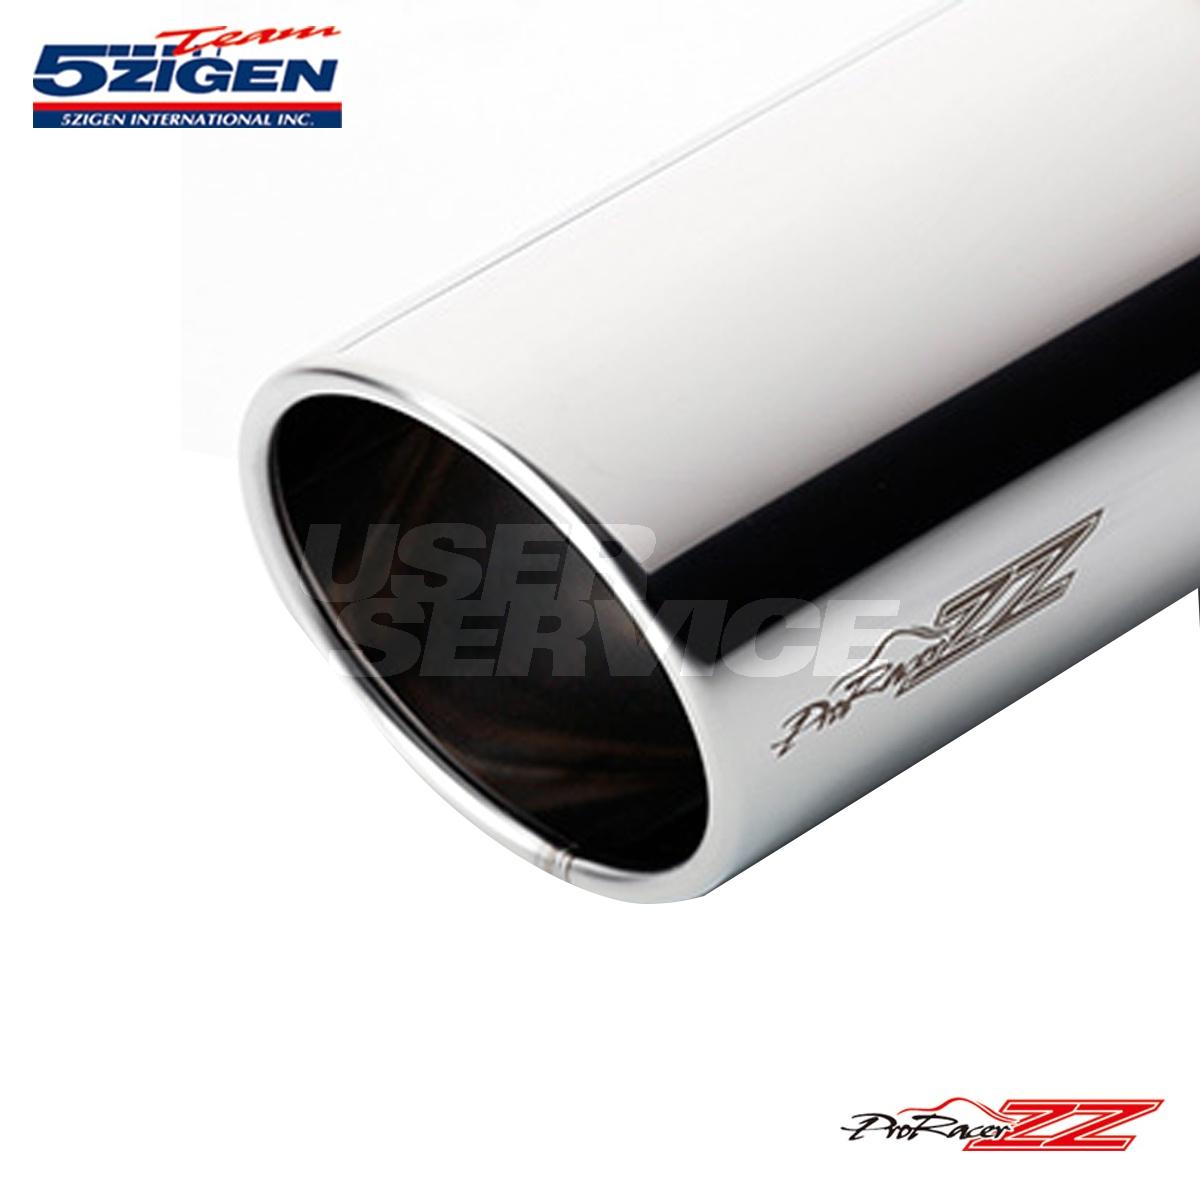 5次元 プロレーサーZZ S2000 ABA-AP1 マフラー 品番:PZH-017W 5ZIGEN